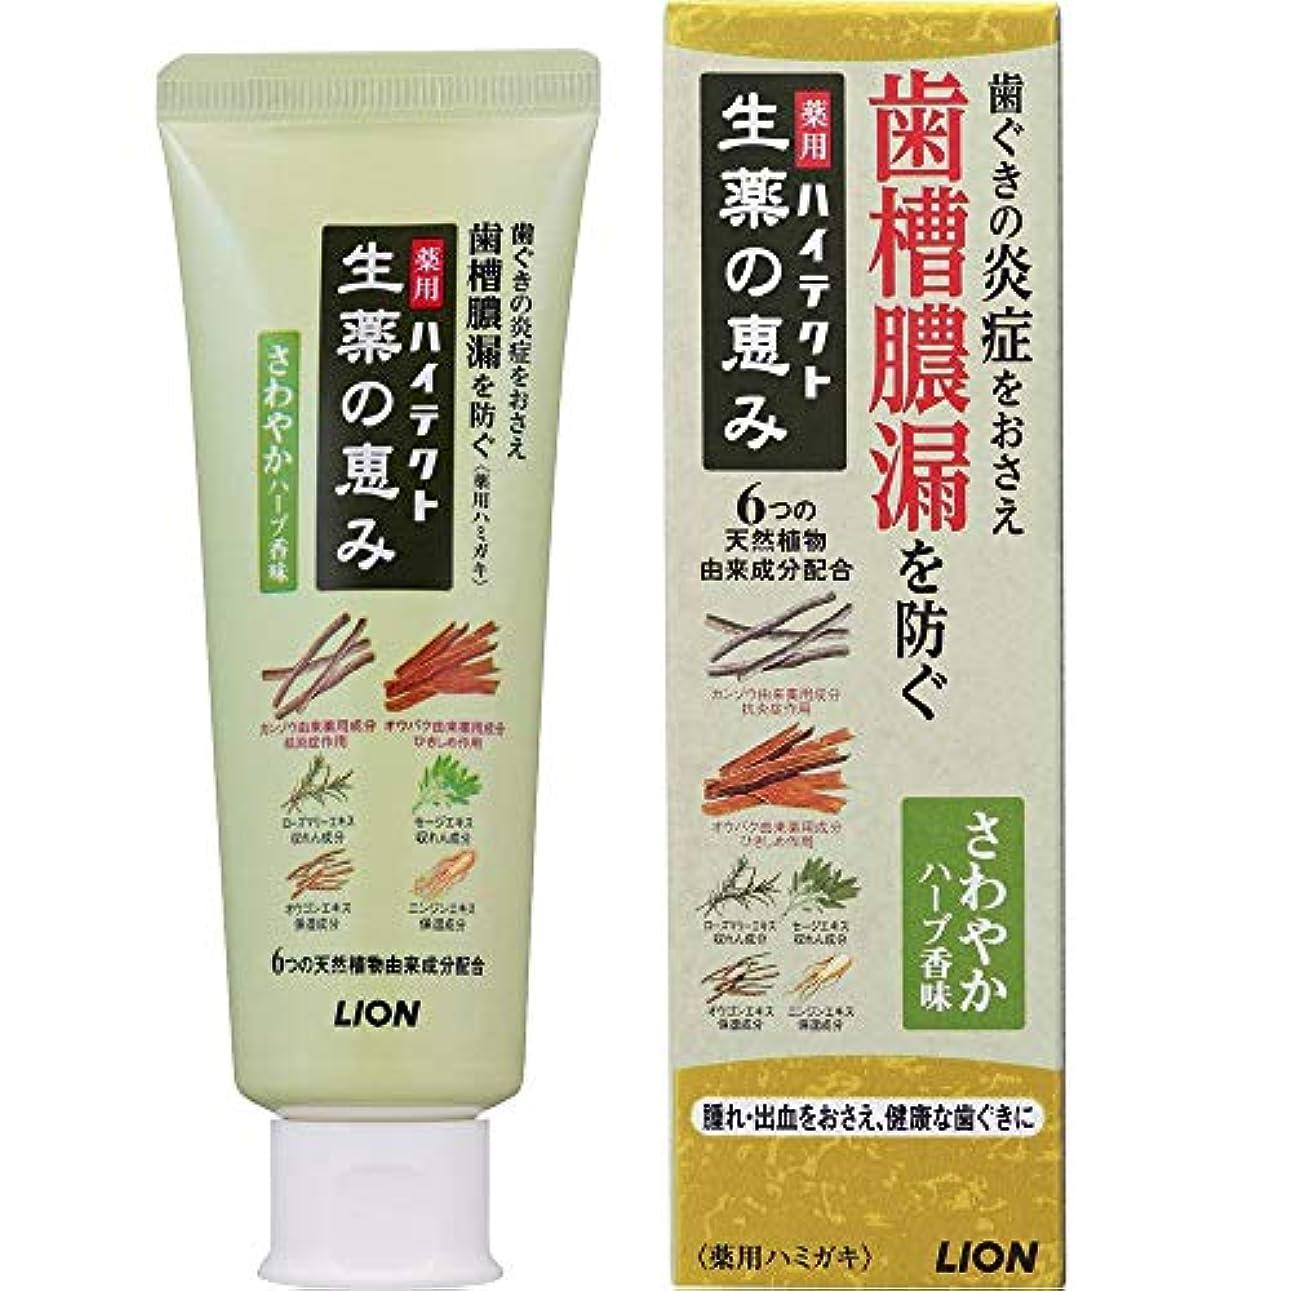 白鳥保安ブルゴーニュ薬用ハイテクト生薬の恵み さわやかハーブ香味 90g